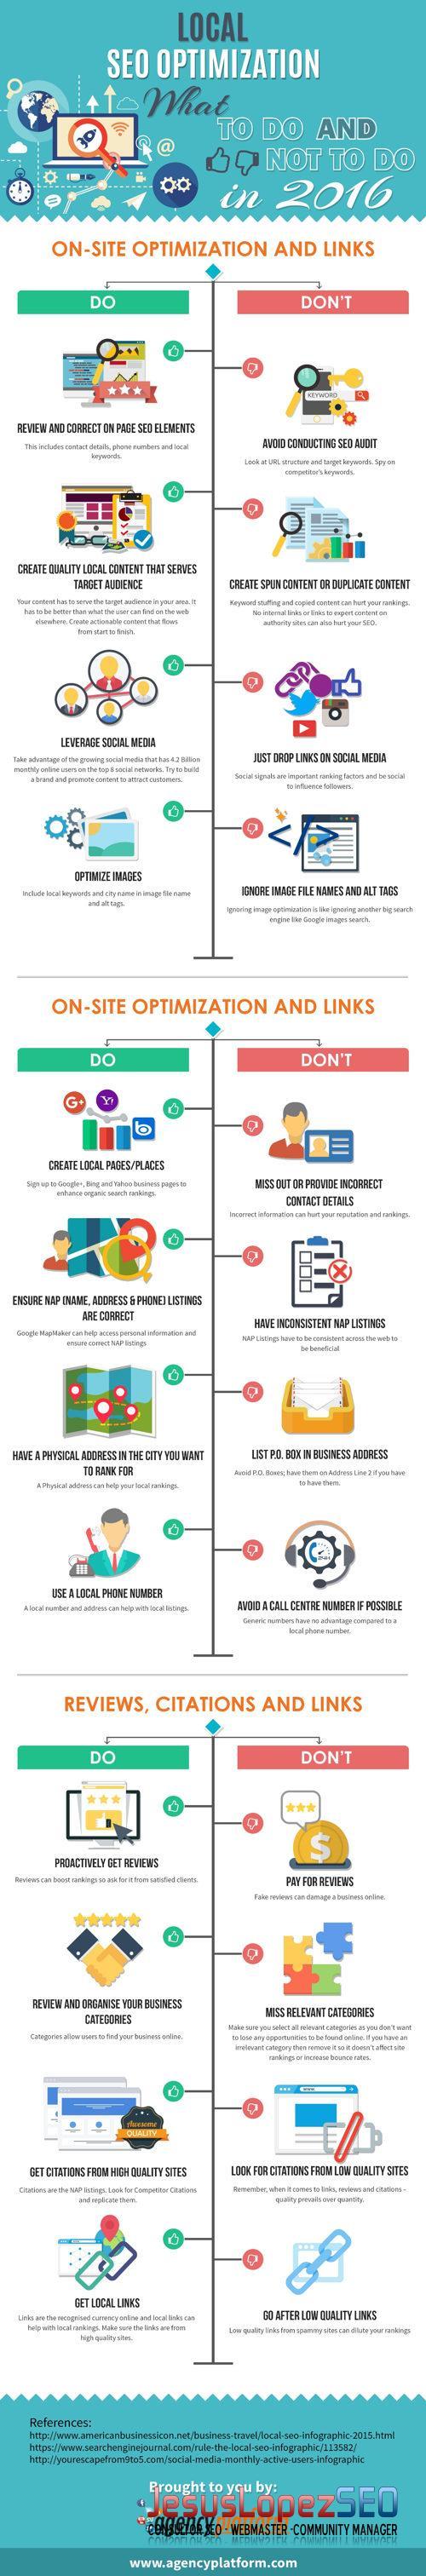 Cómo-optimizar-web-SEO-localinfografía